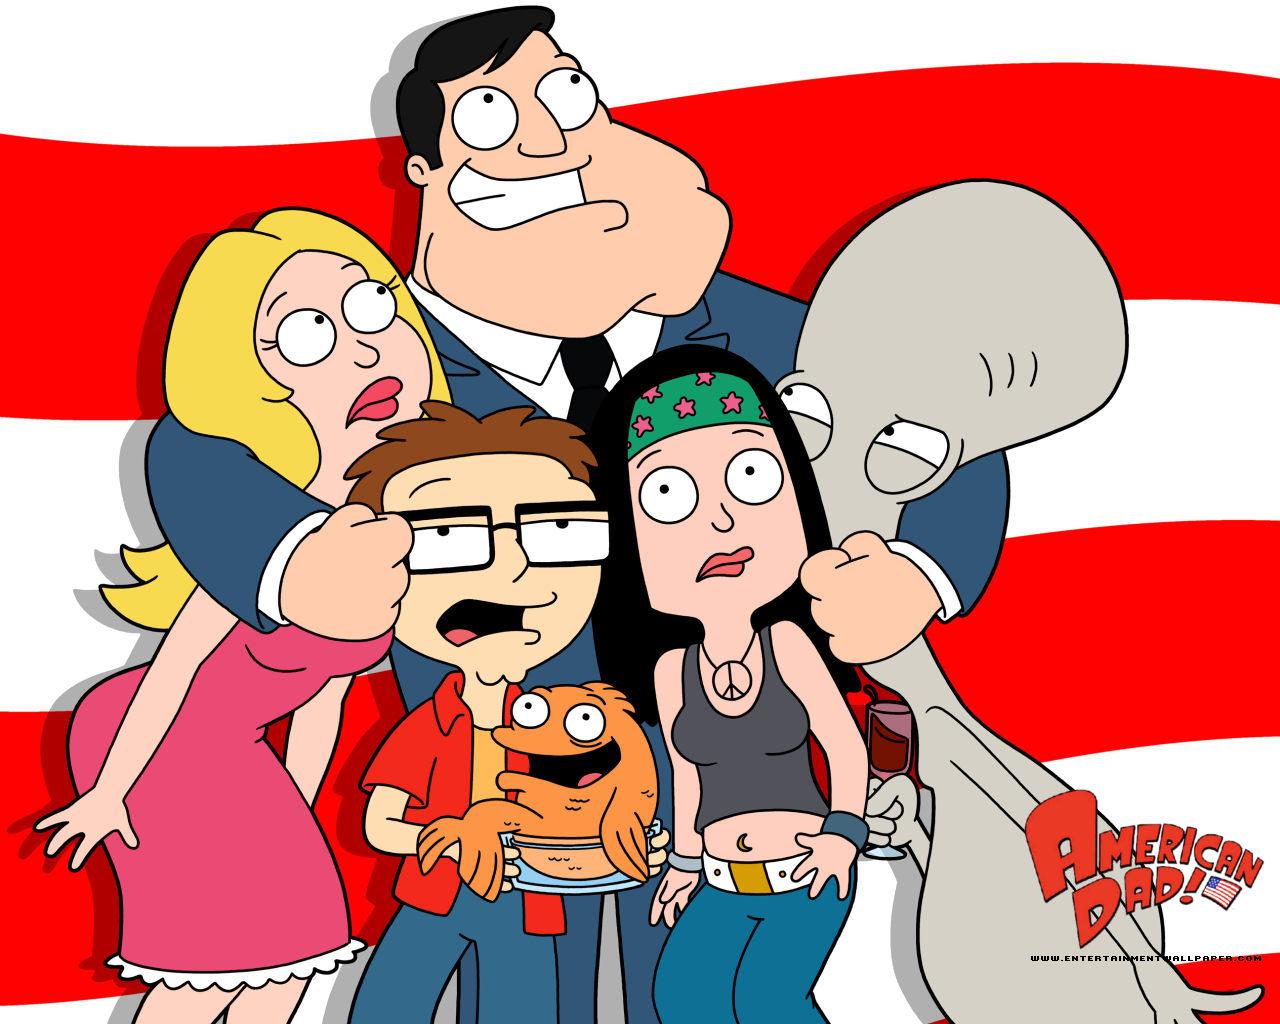 Los 10 mejores personajes de American Dad